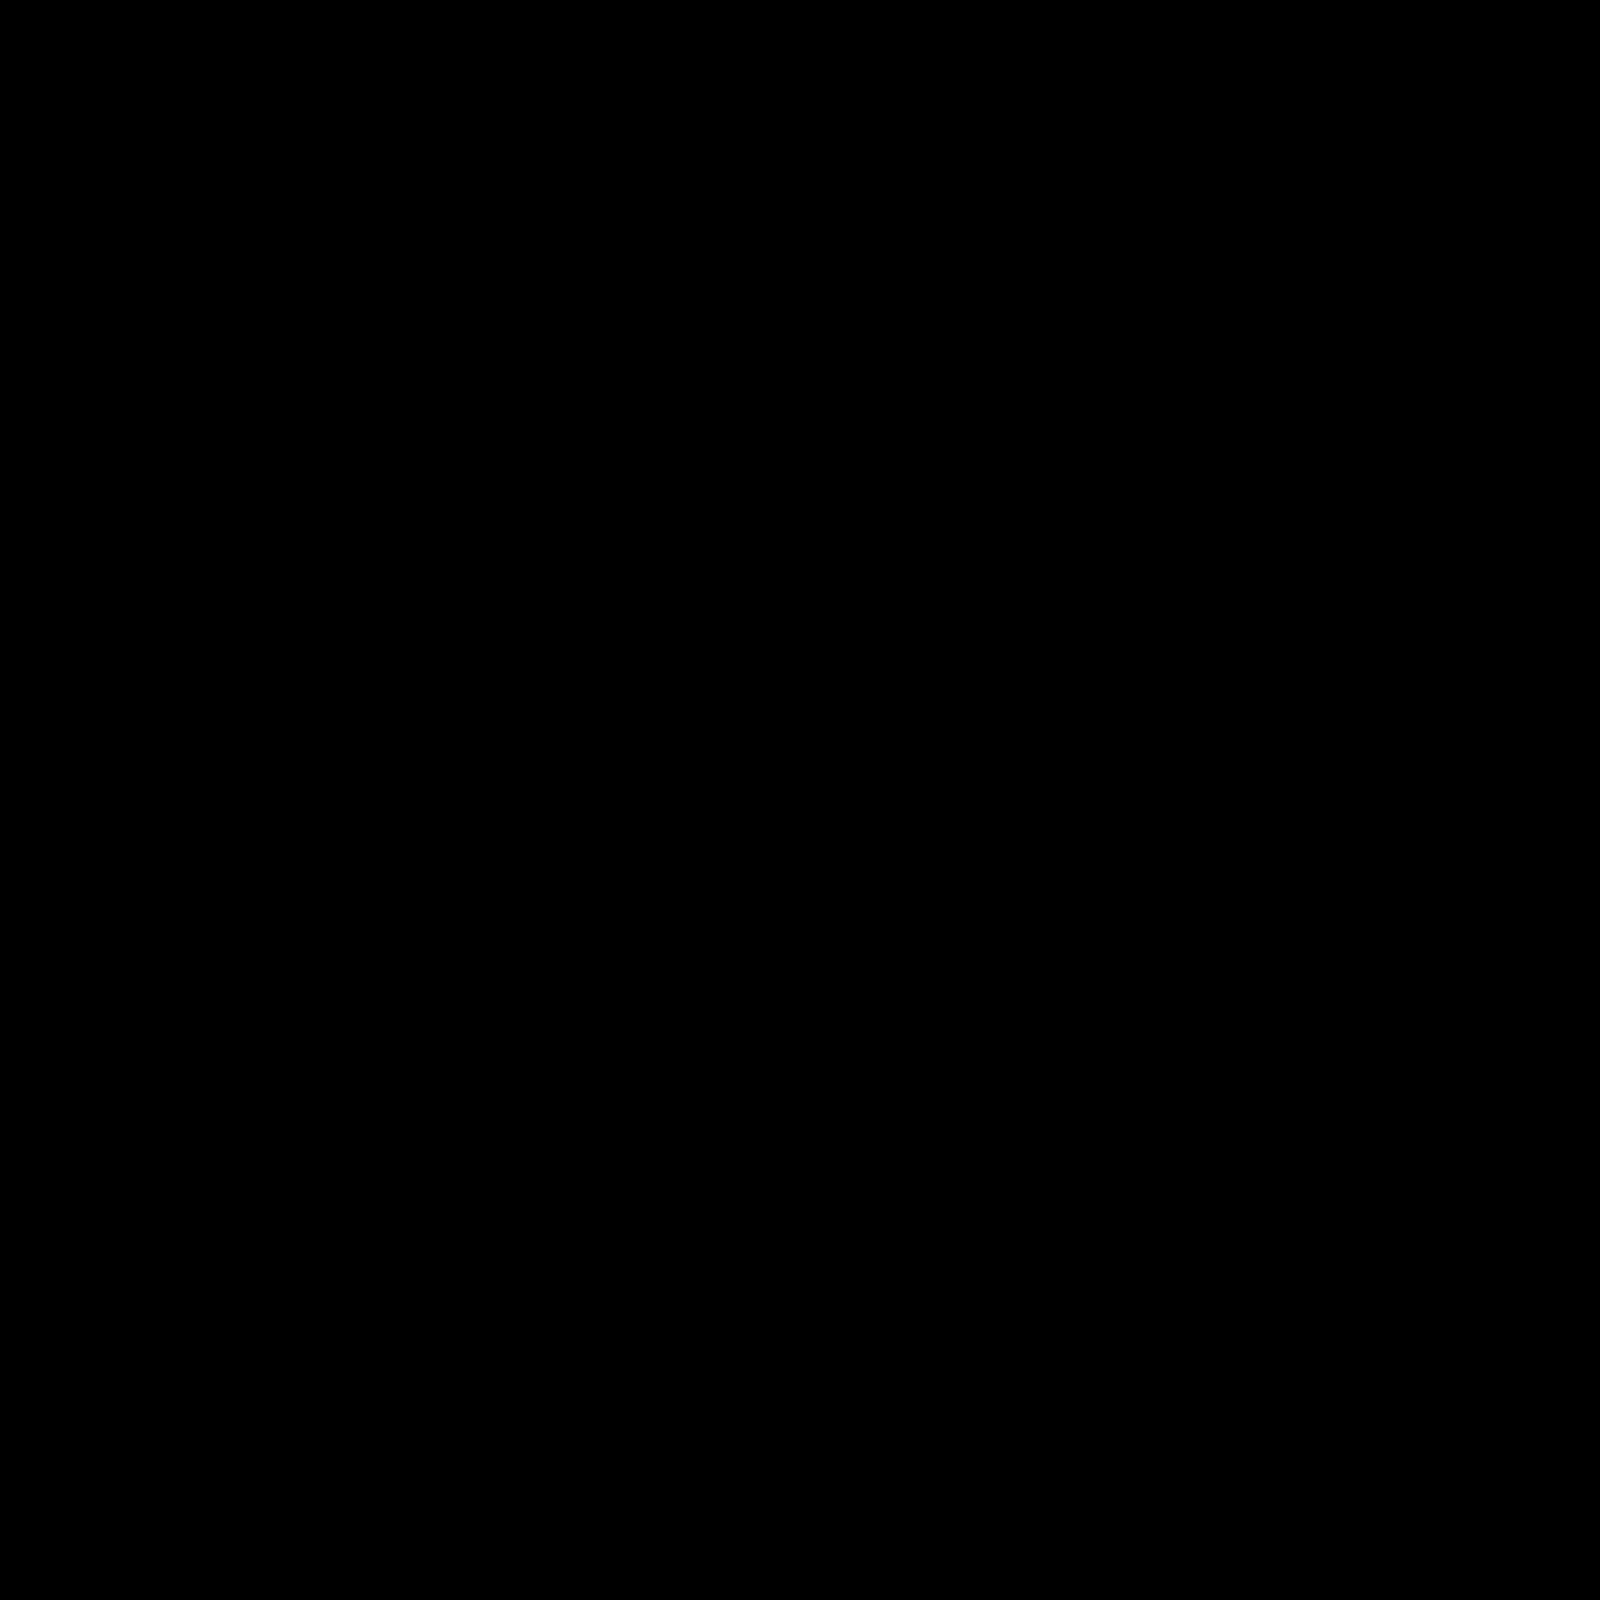 五角形 icon. A pentagon icon is a shape with five lines that are connected together. There is nothing in center of the icon, but it is just a shape that has to follow a rule where it must have five sides.